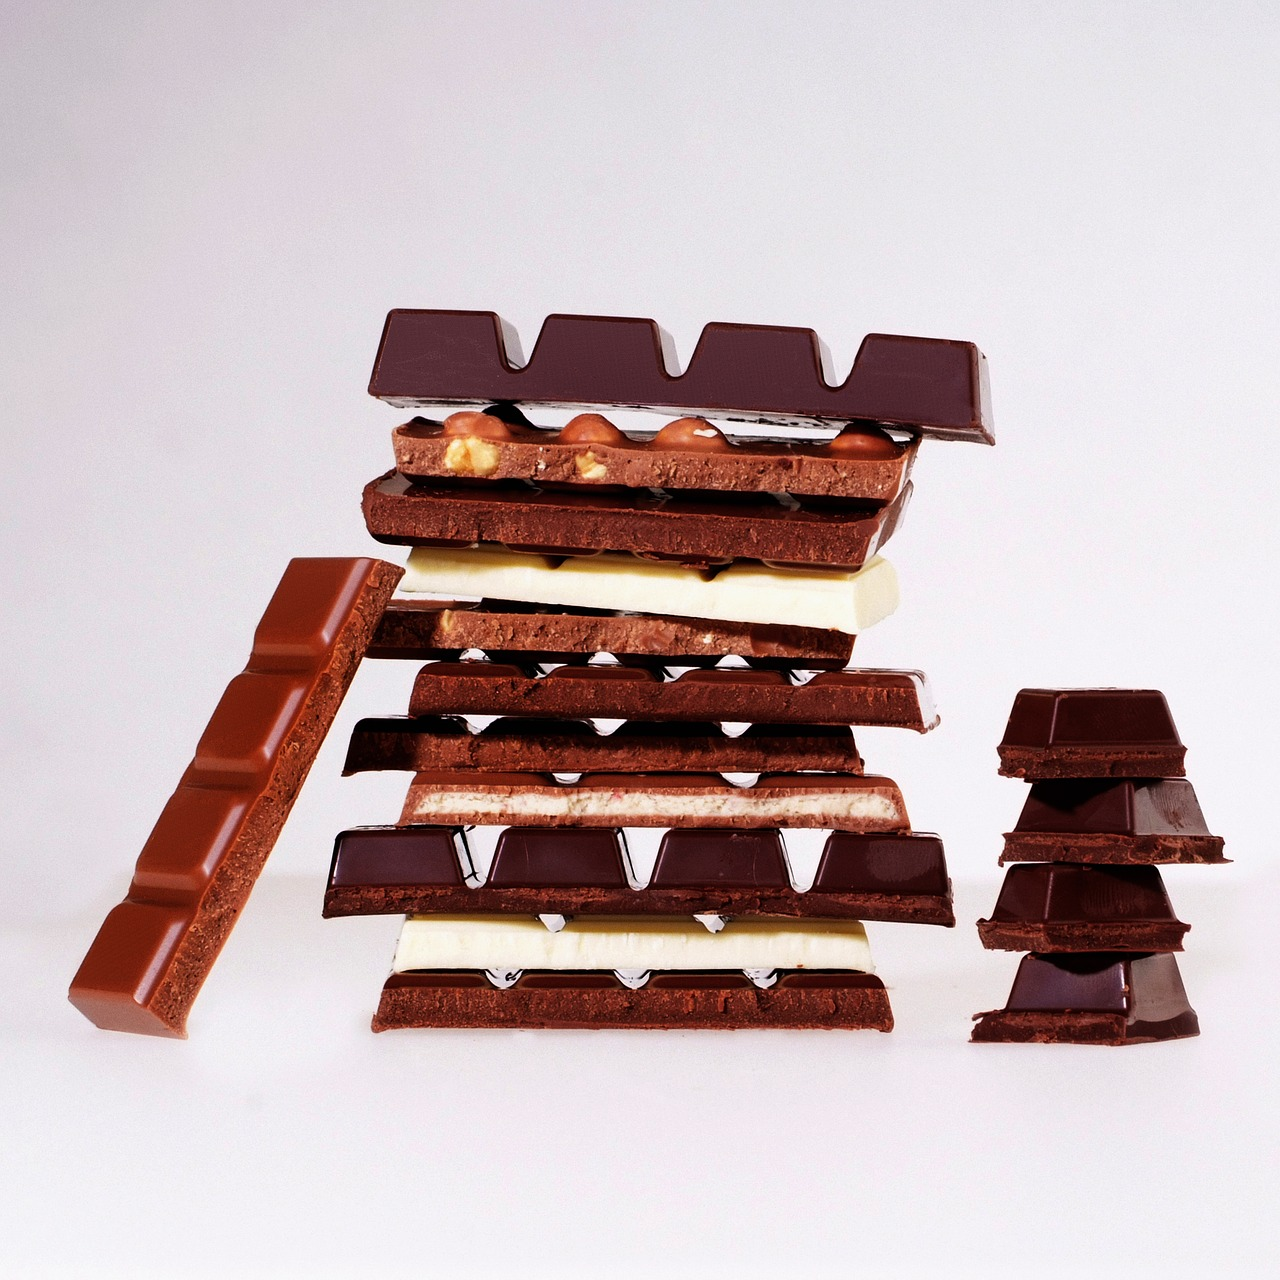 Schokolade? Pralinen? Ja, aber bitte fair produziert! ECOreporter.de erläutert in einer mehrteiligen Serie die Kriterien des nachhaltigen Investments in Schokolade und gibt Anlage-Tipps. / Foto: Pixabay